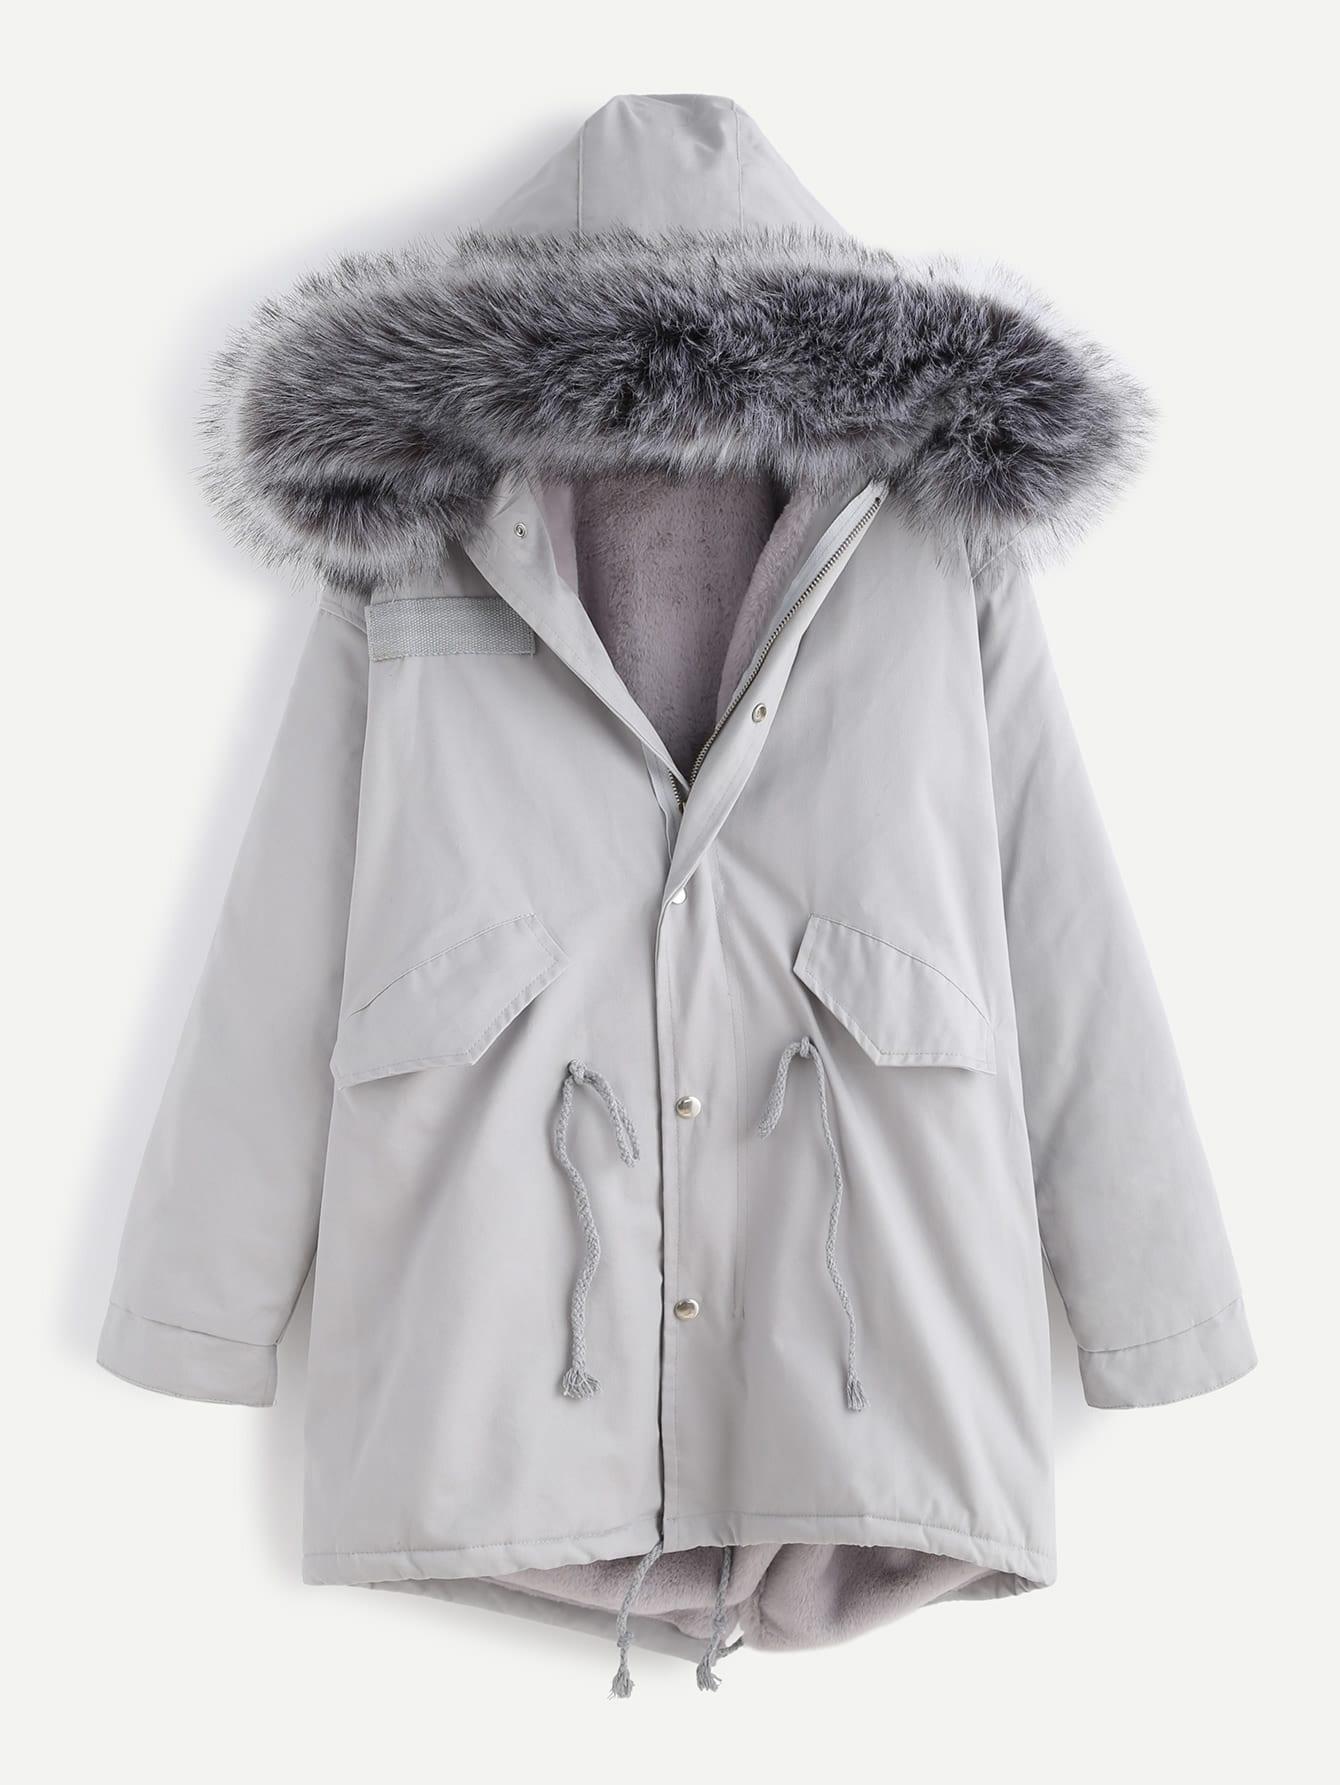 Купить со скидкой Grey Faux Fur Trim Drawstring Fleece Inside Hooded Coat